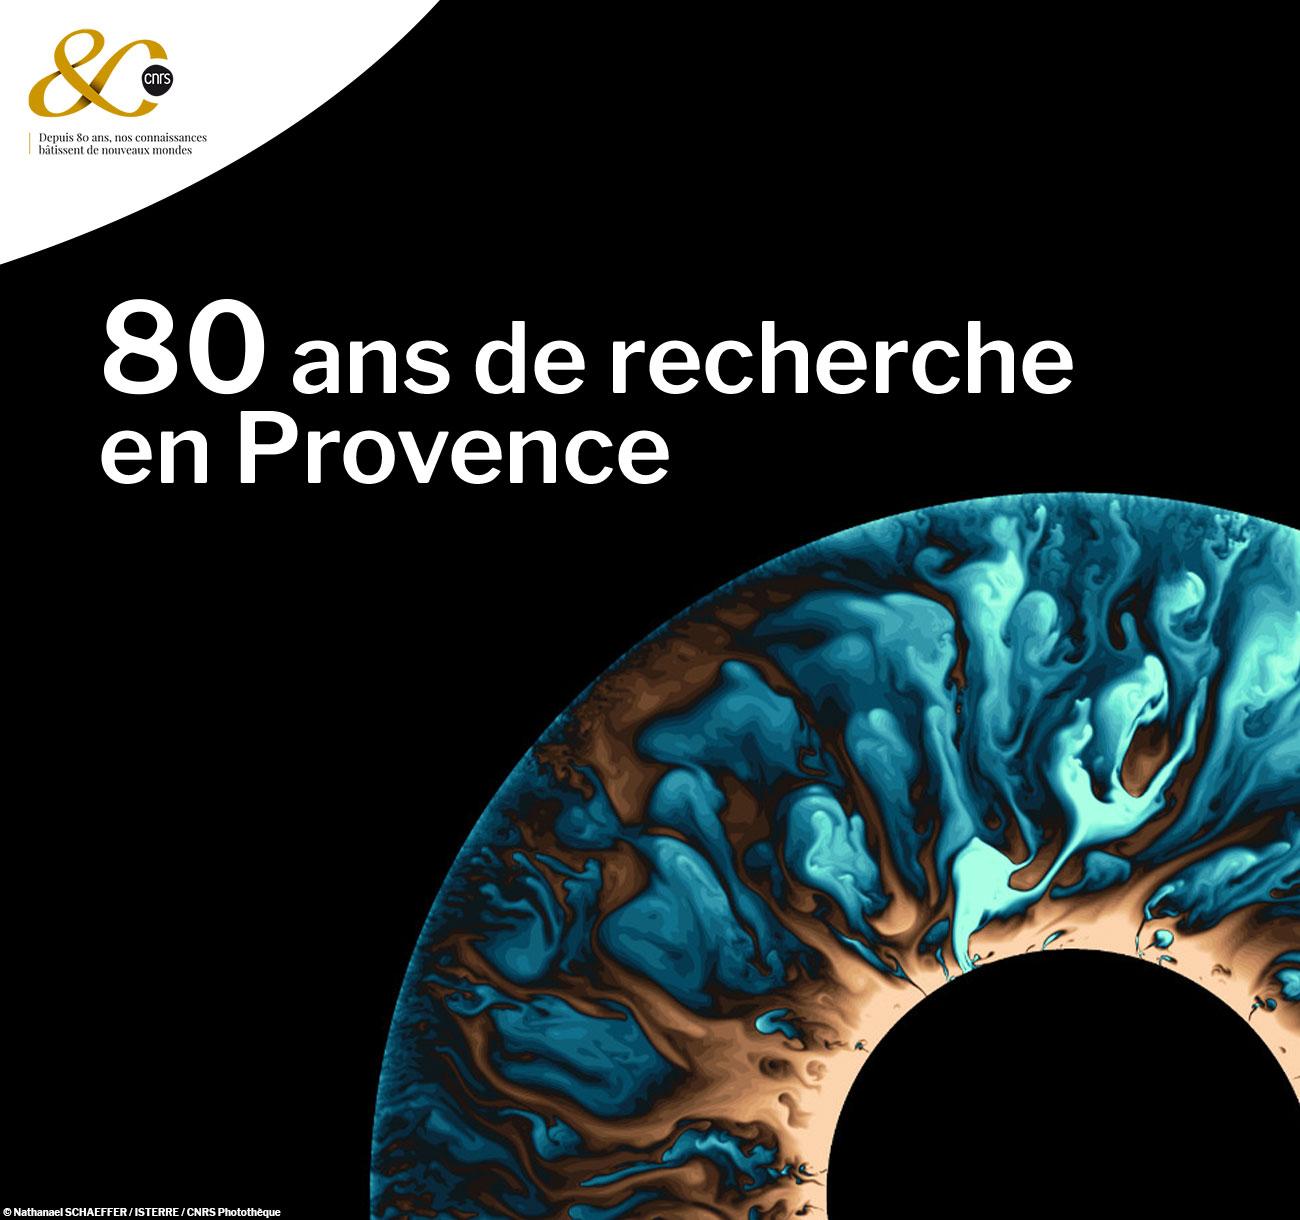 80 ans de recherche en Provence